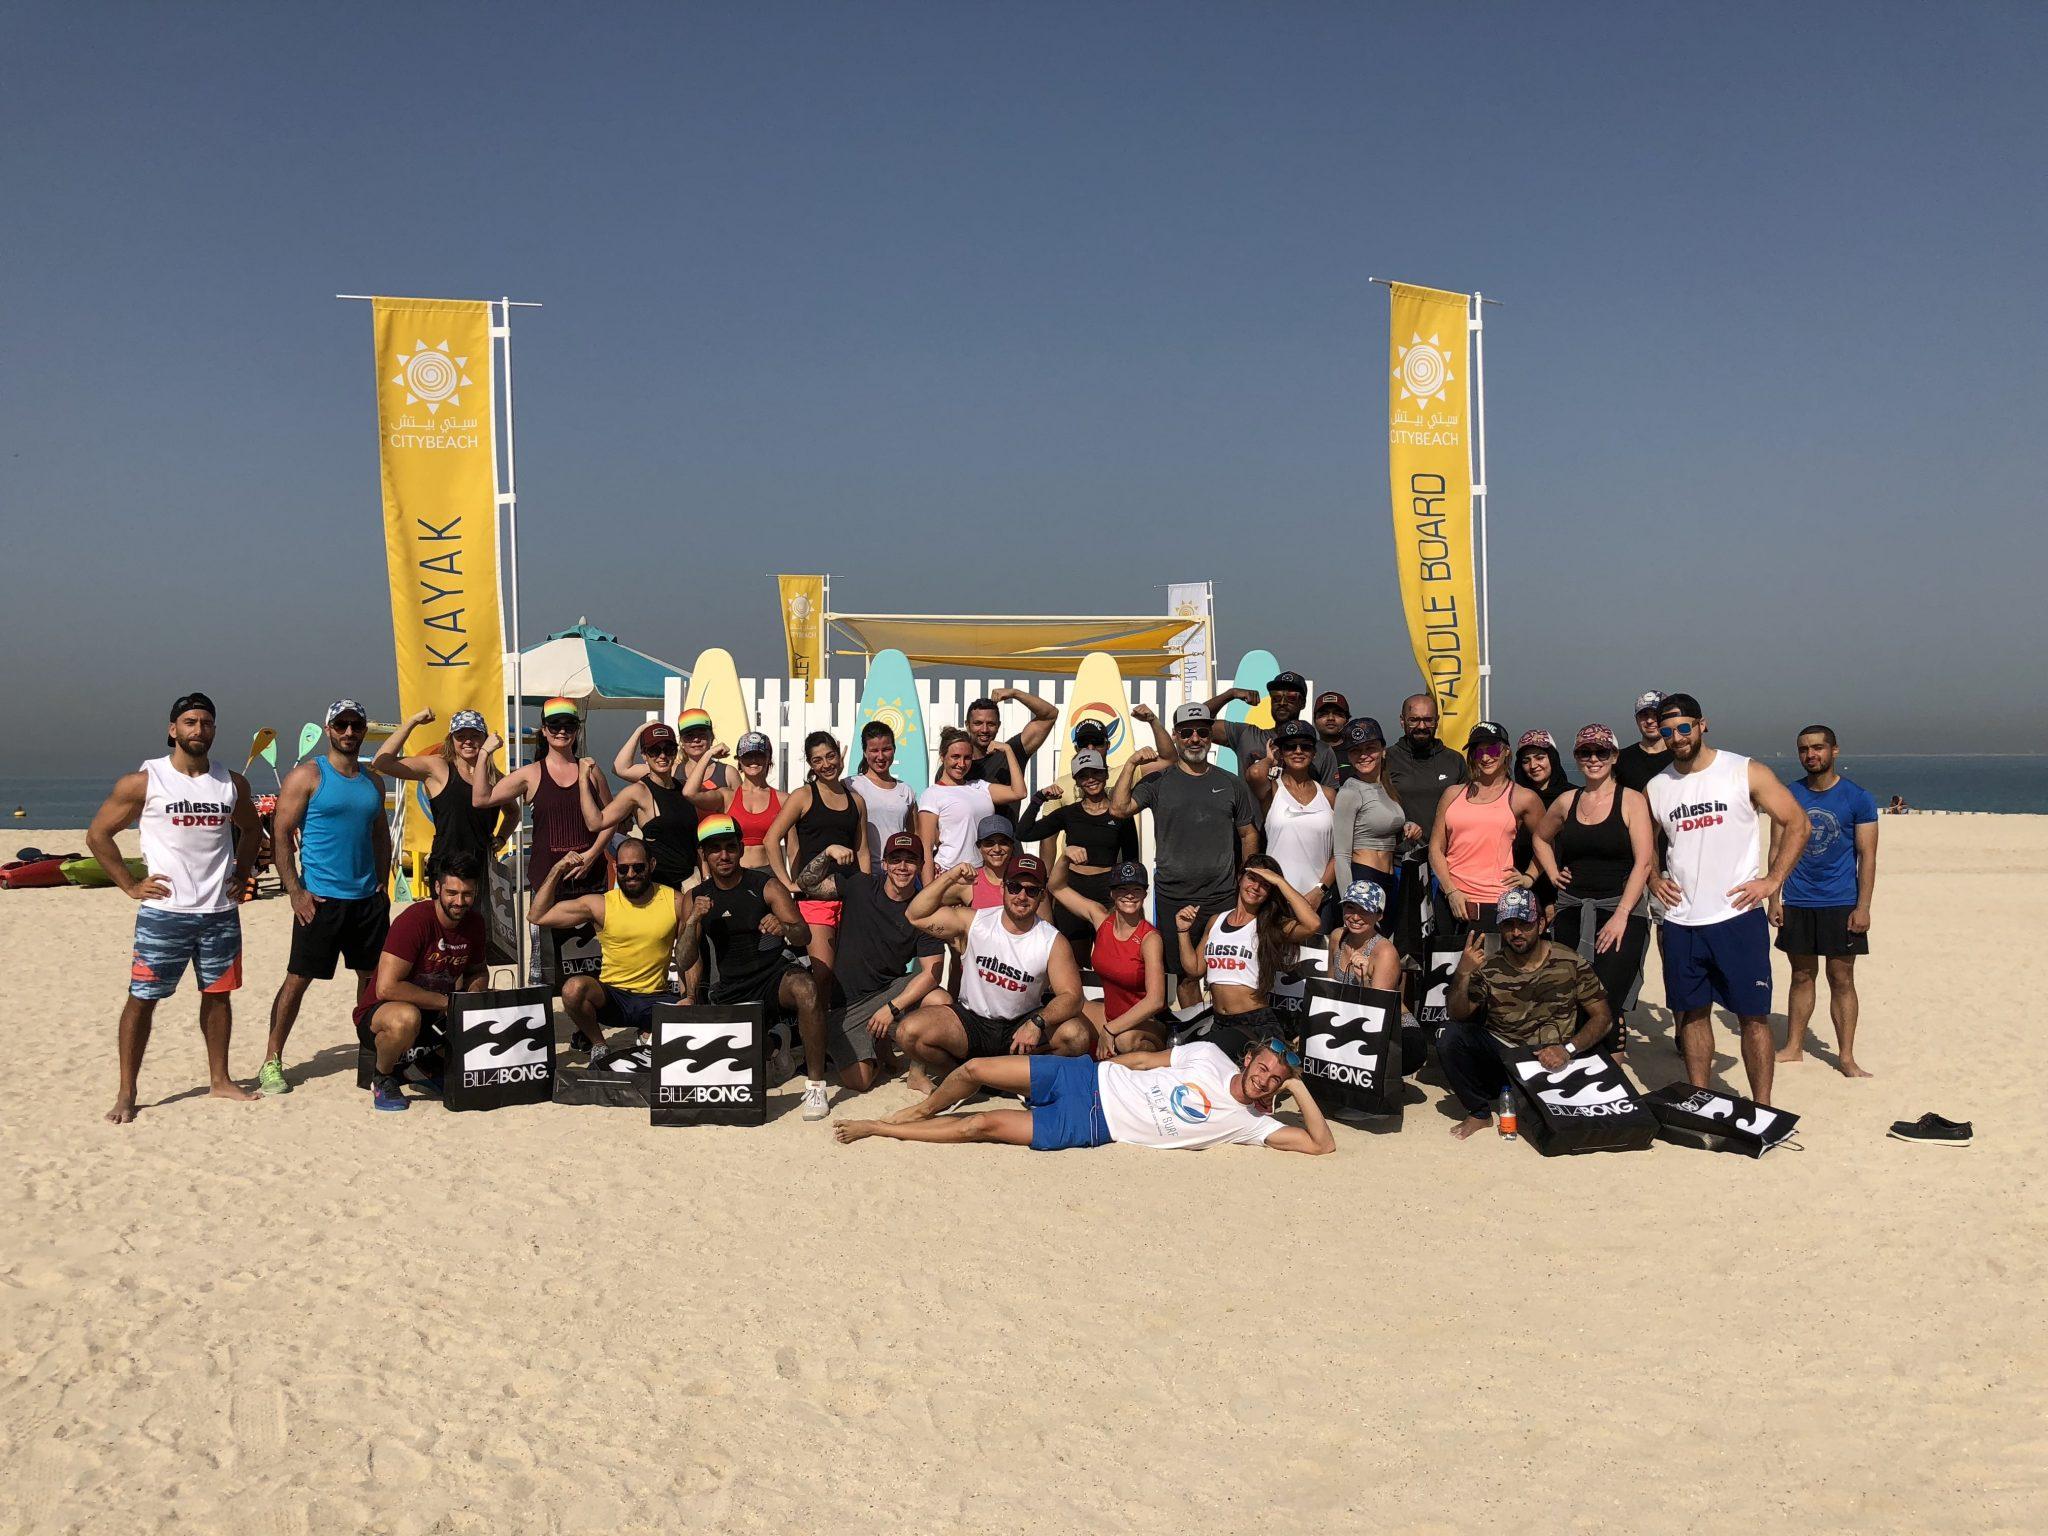 معسكر شاطئي رياضيFree beach bootcamps